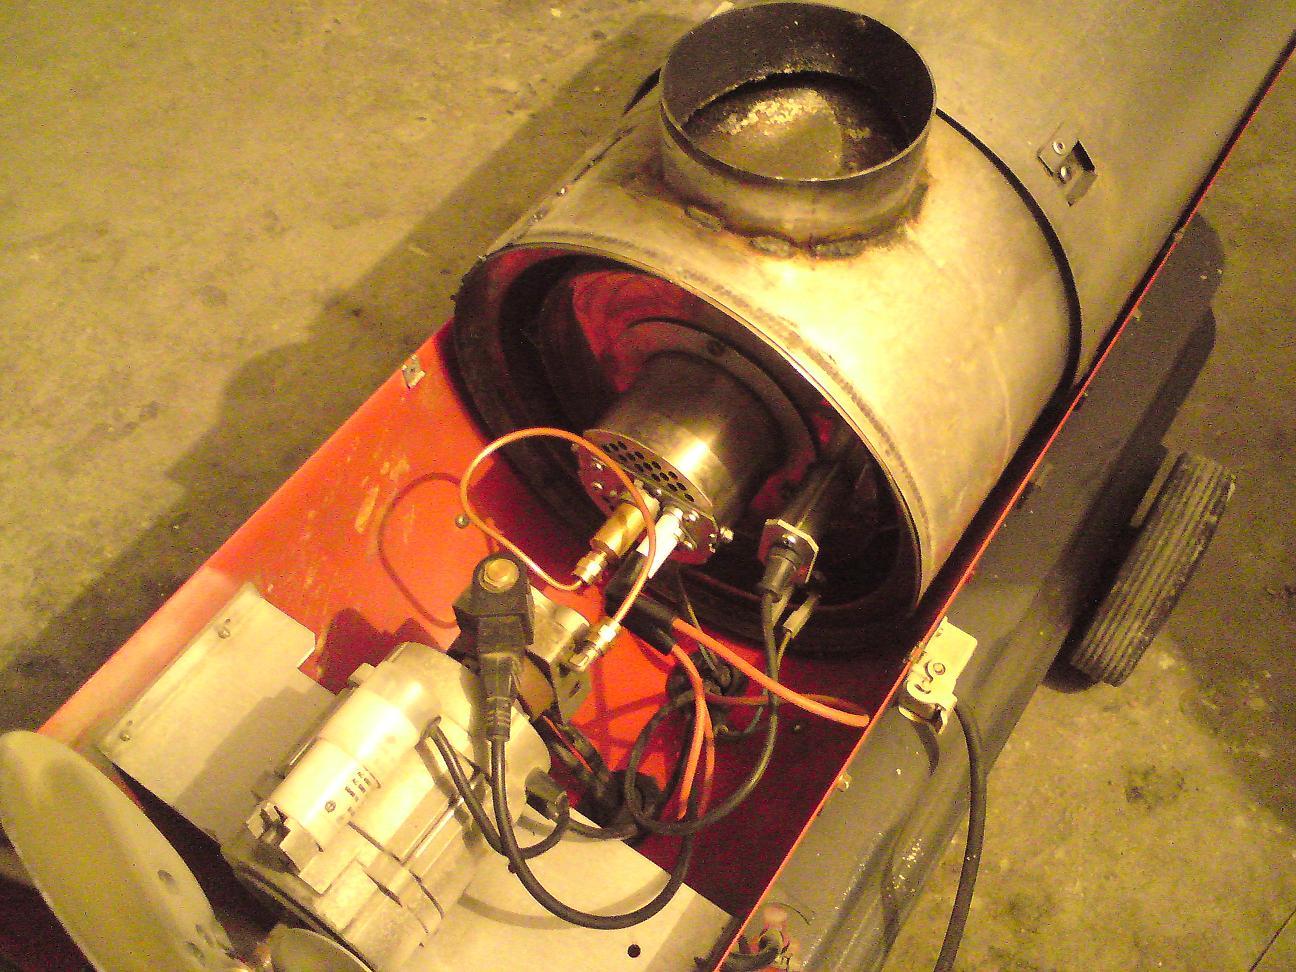 Ogromny Nagrzewnica Antares 25, gaśnie po chwili pracy - elektroda.pl BT06